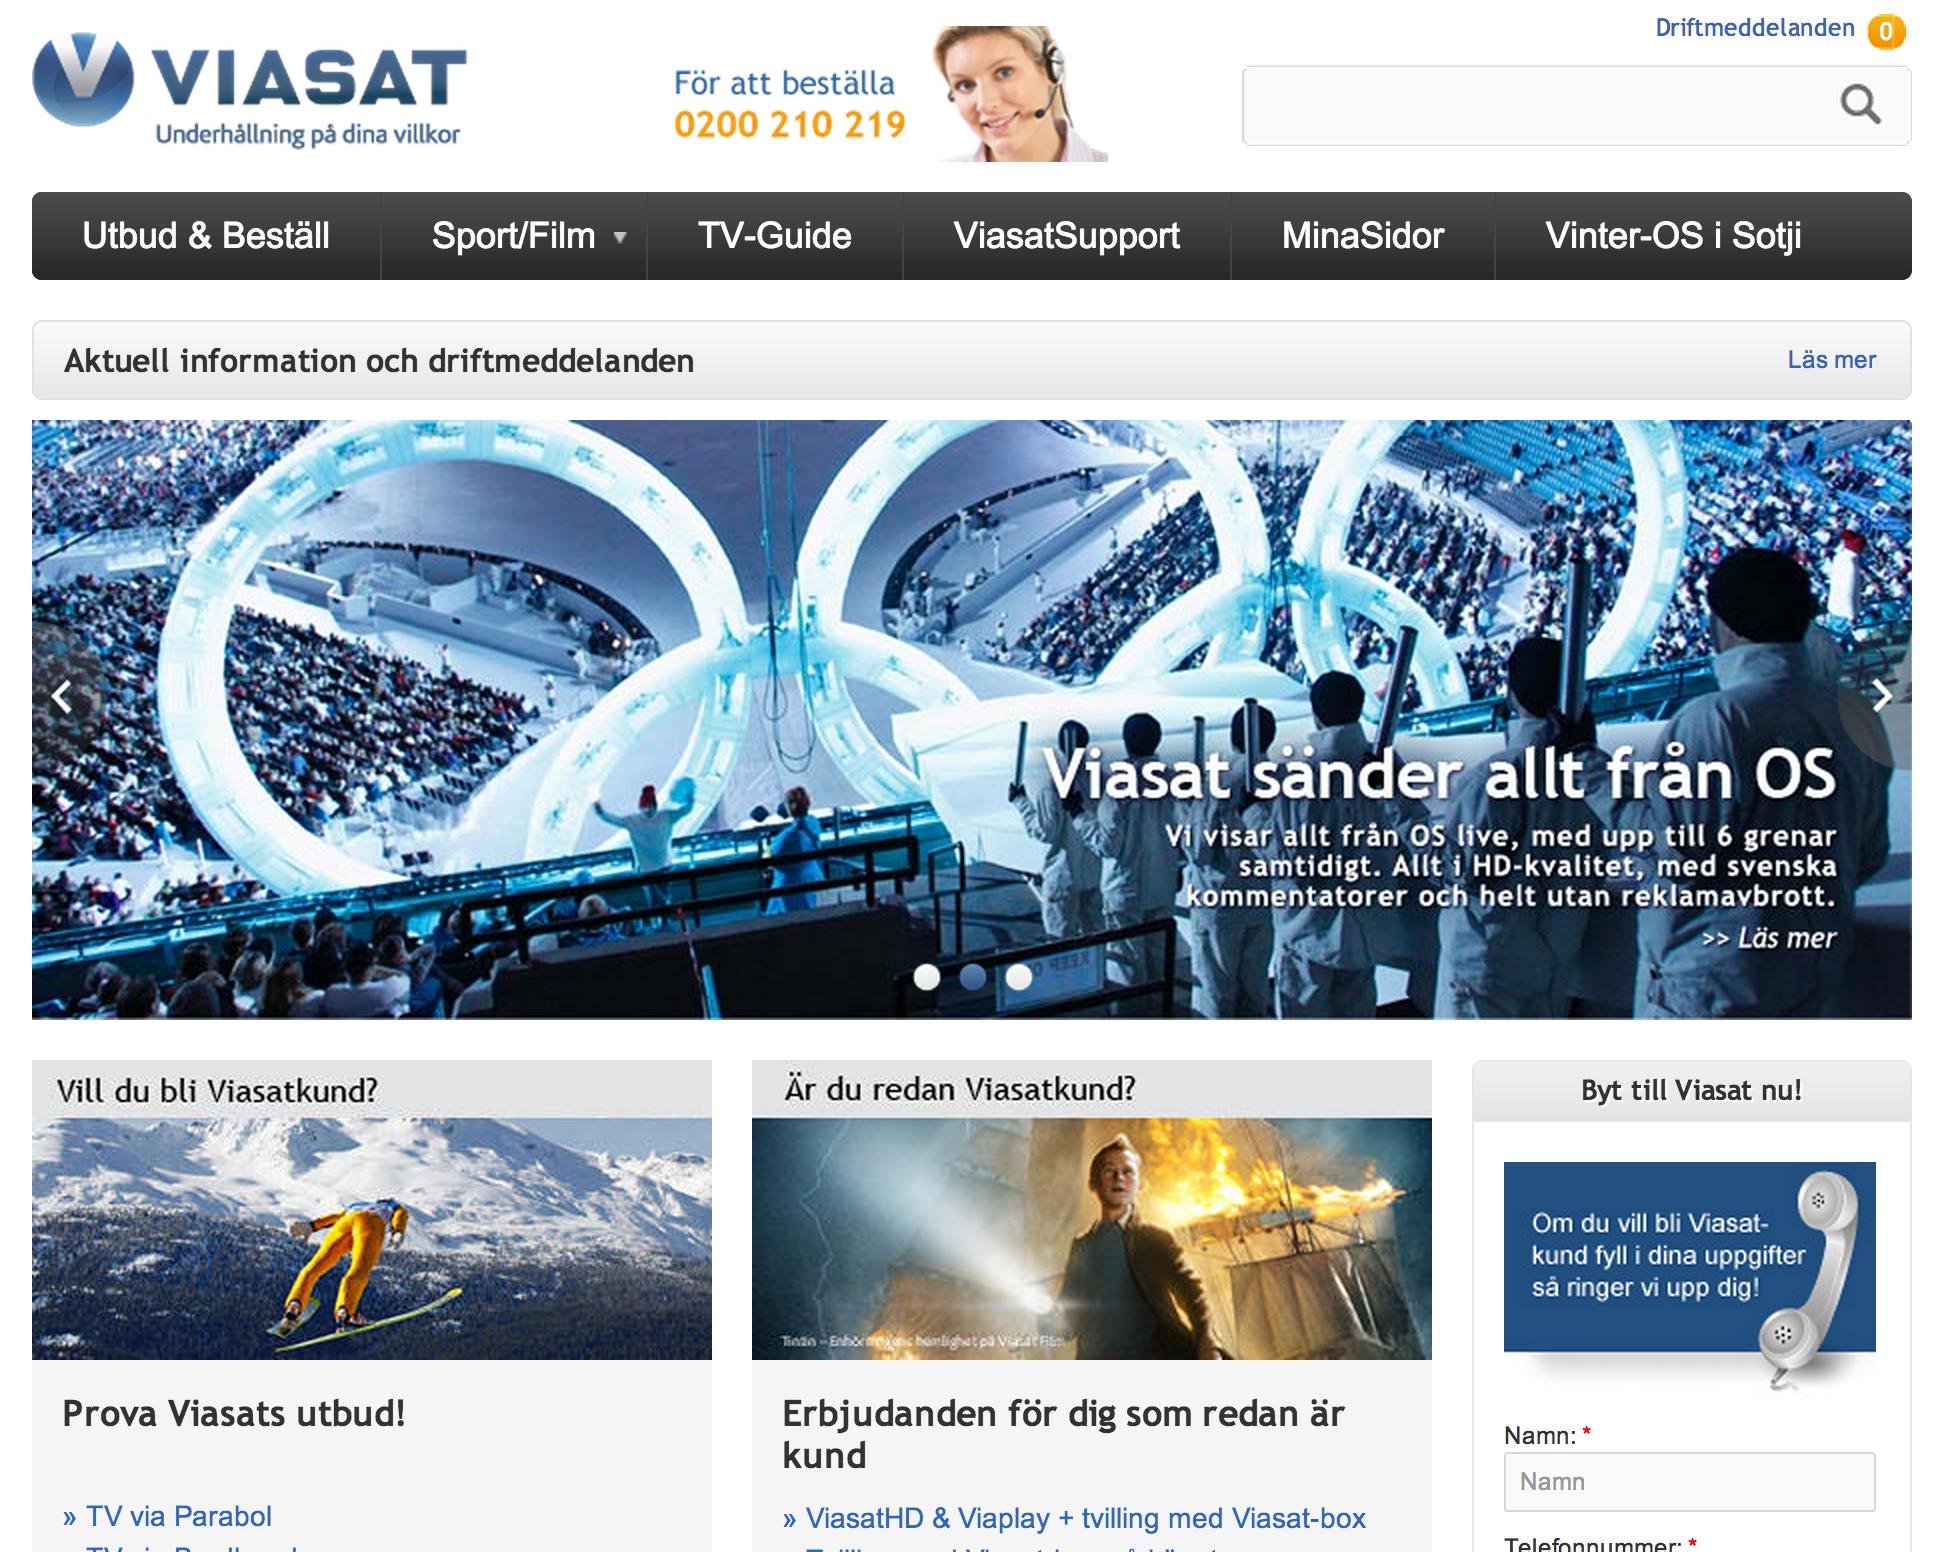 Viasat – domineras av blått och vitt